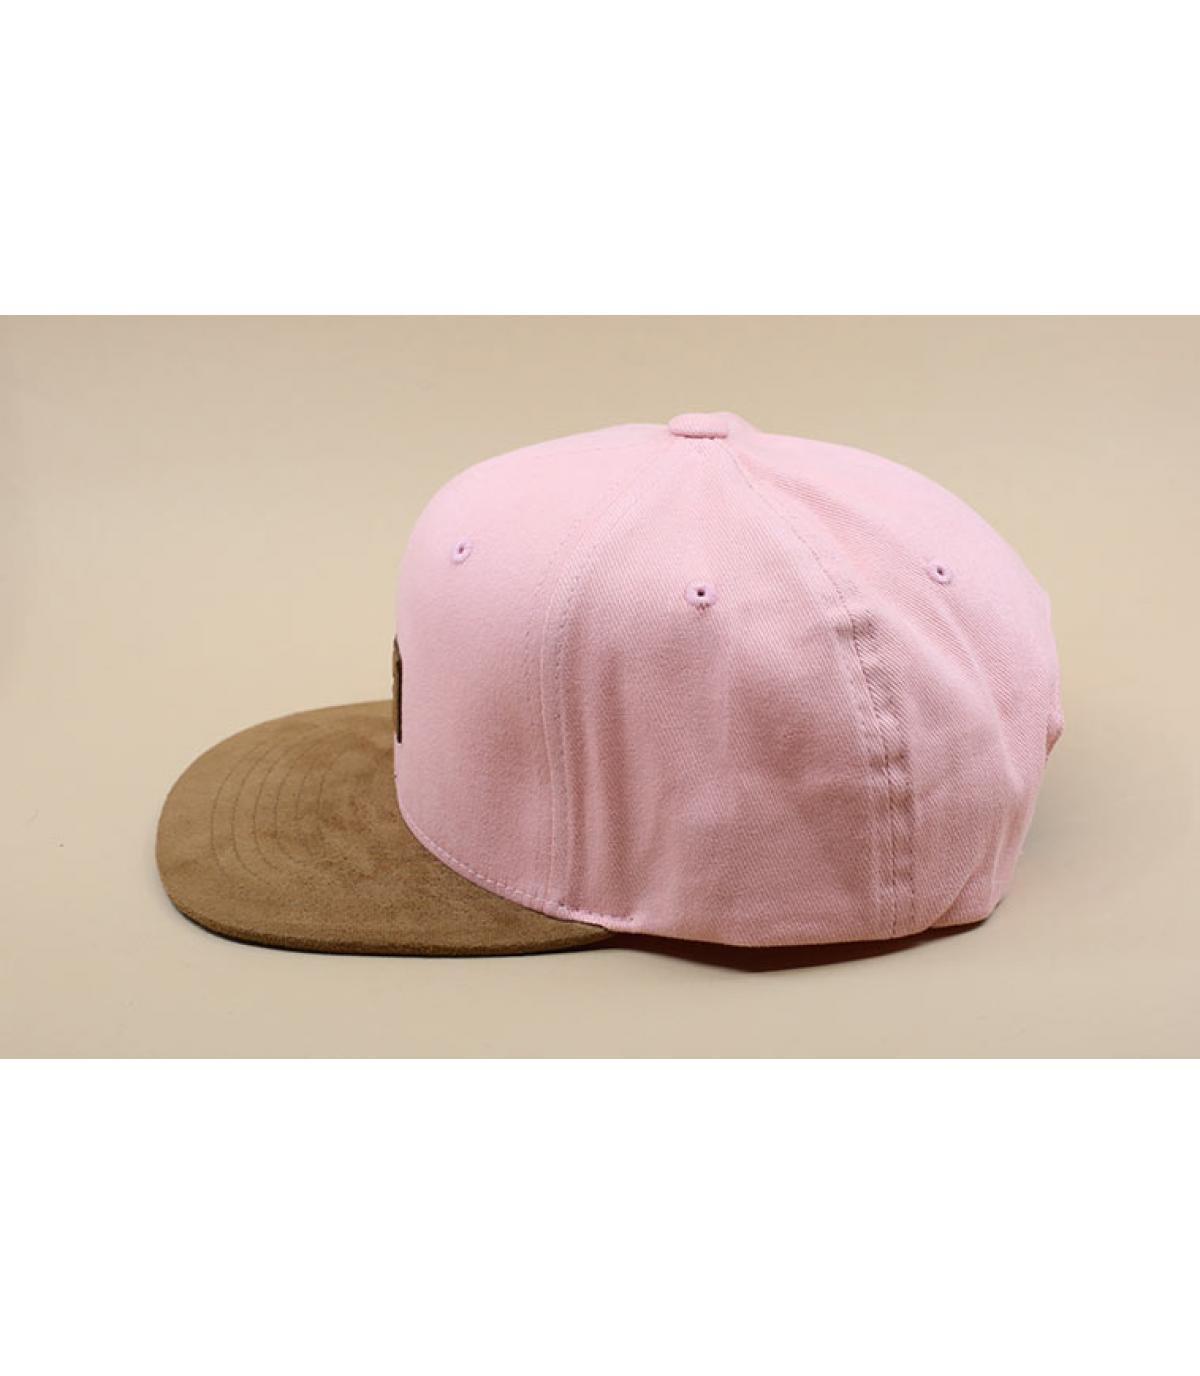 Détails Suede Cap dusty pink - image 4